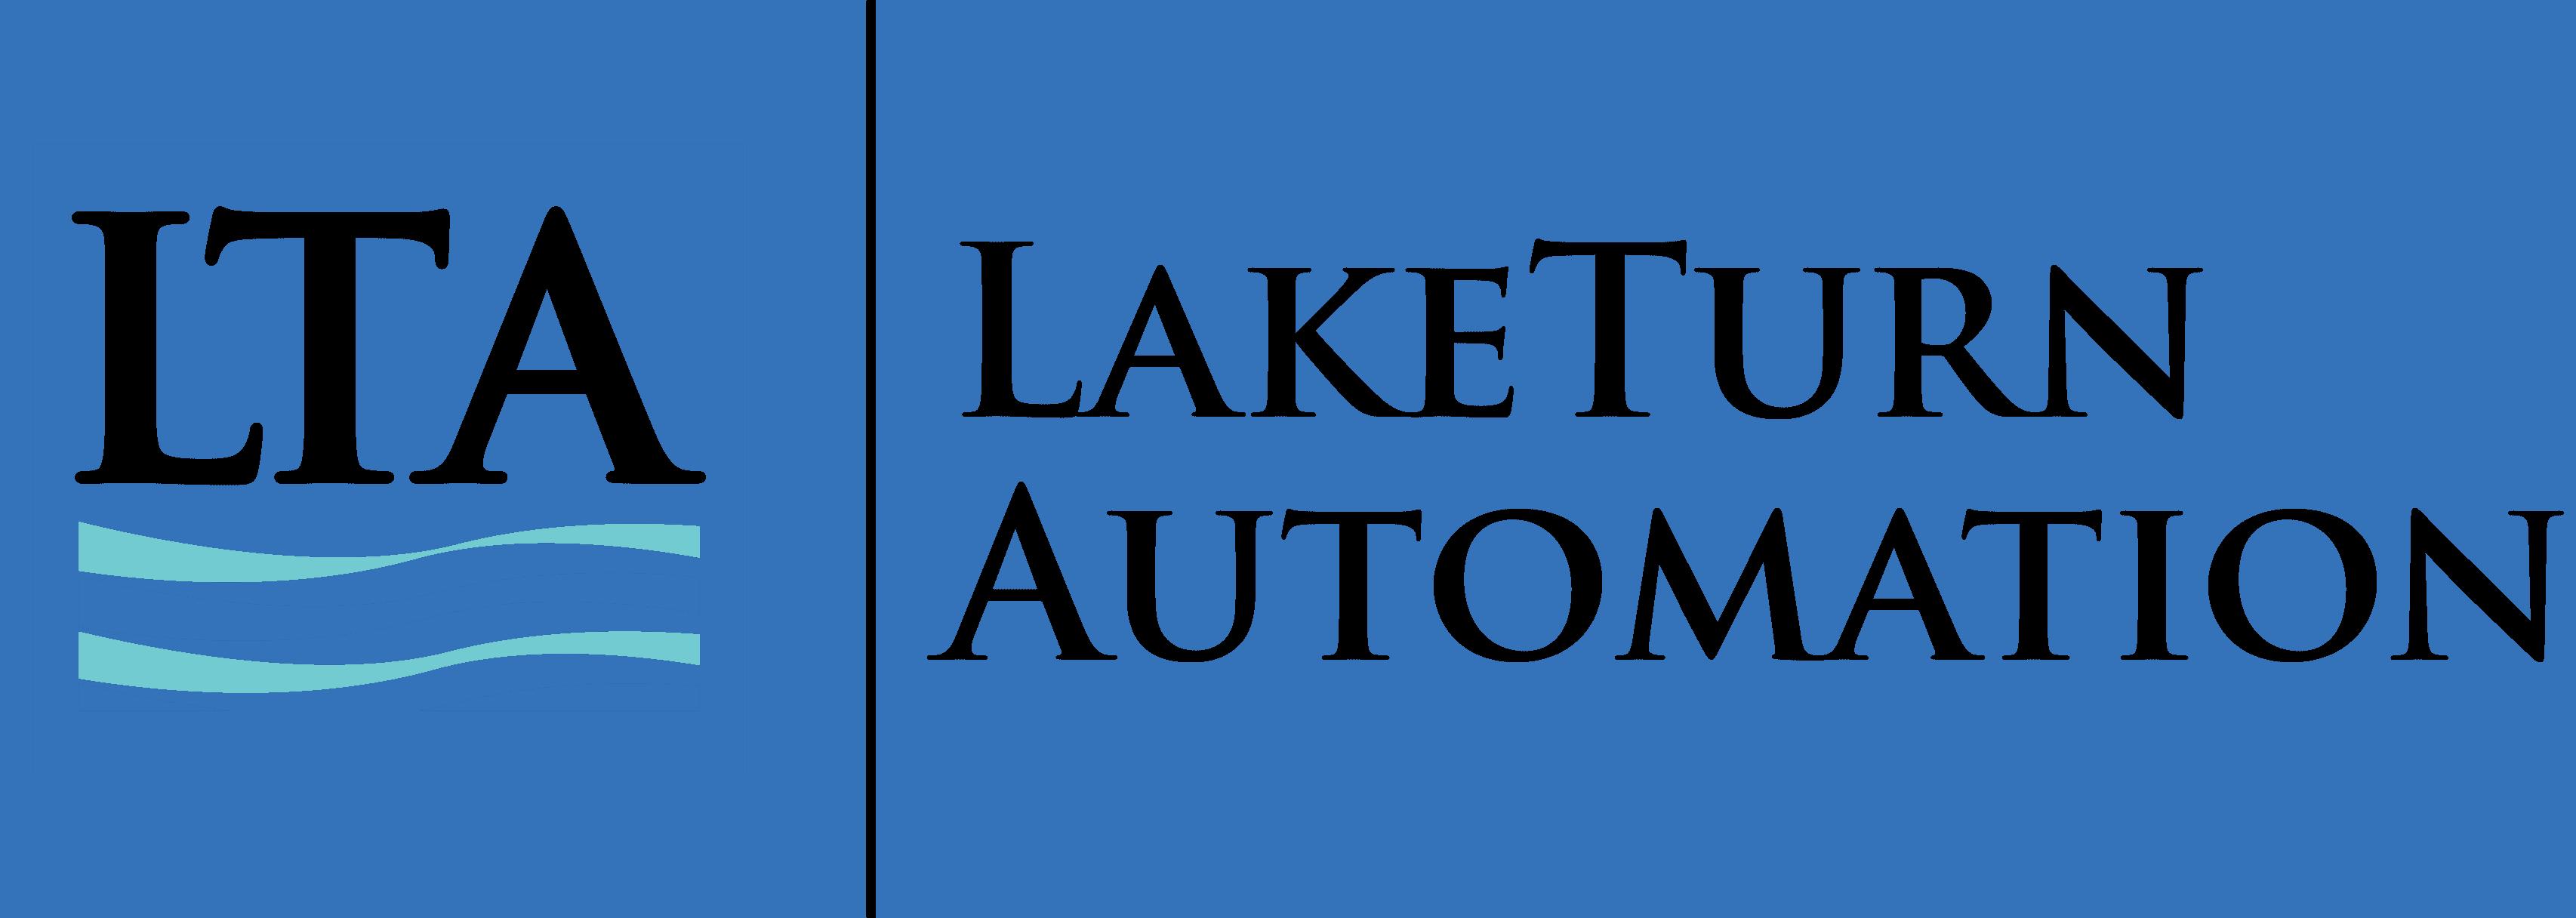 LakeTurn Automation